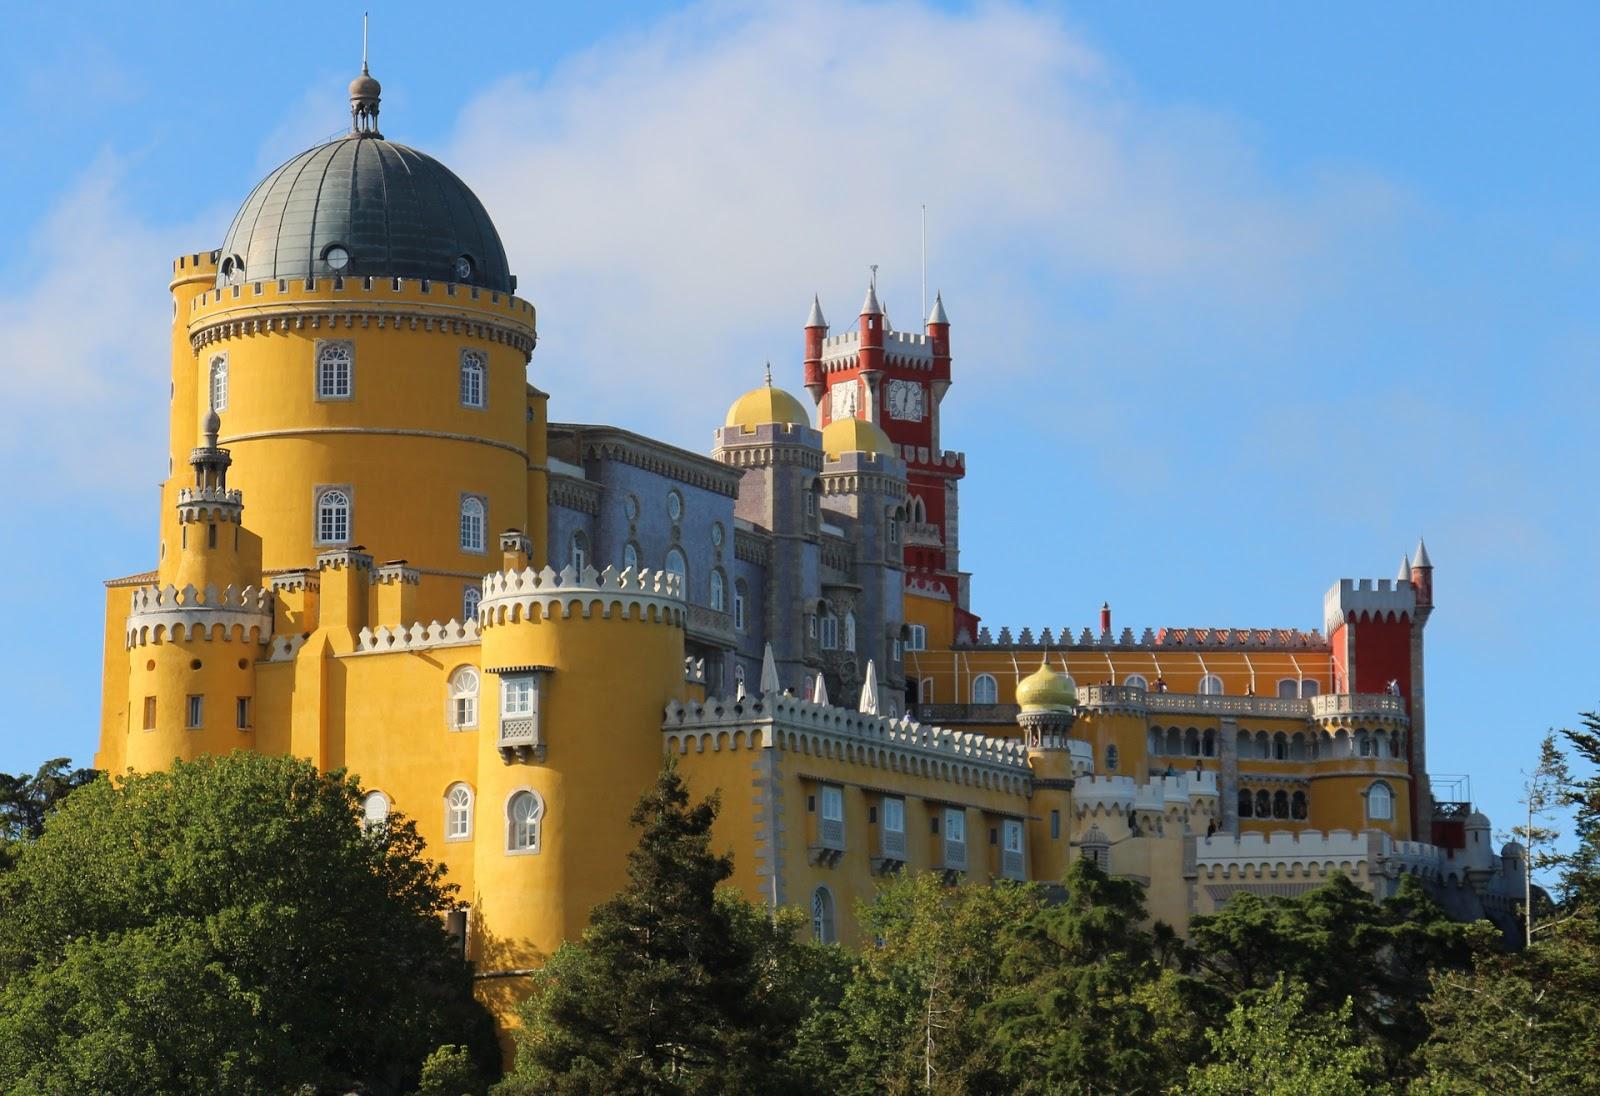 Turismo em Portugal  Palacio Nacional da Pena